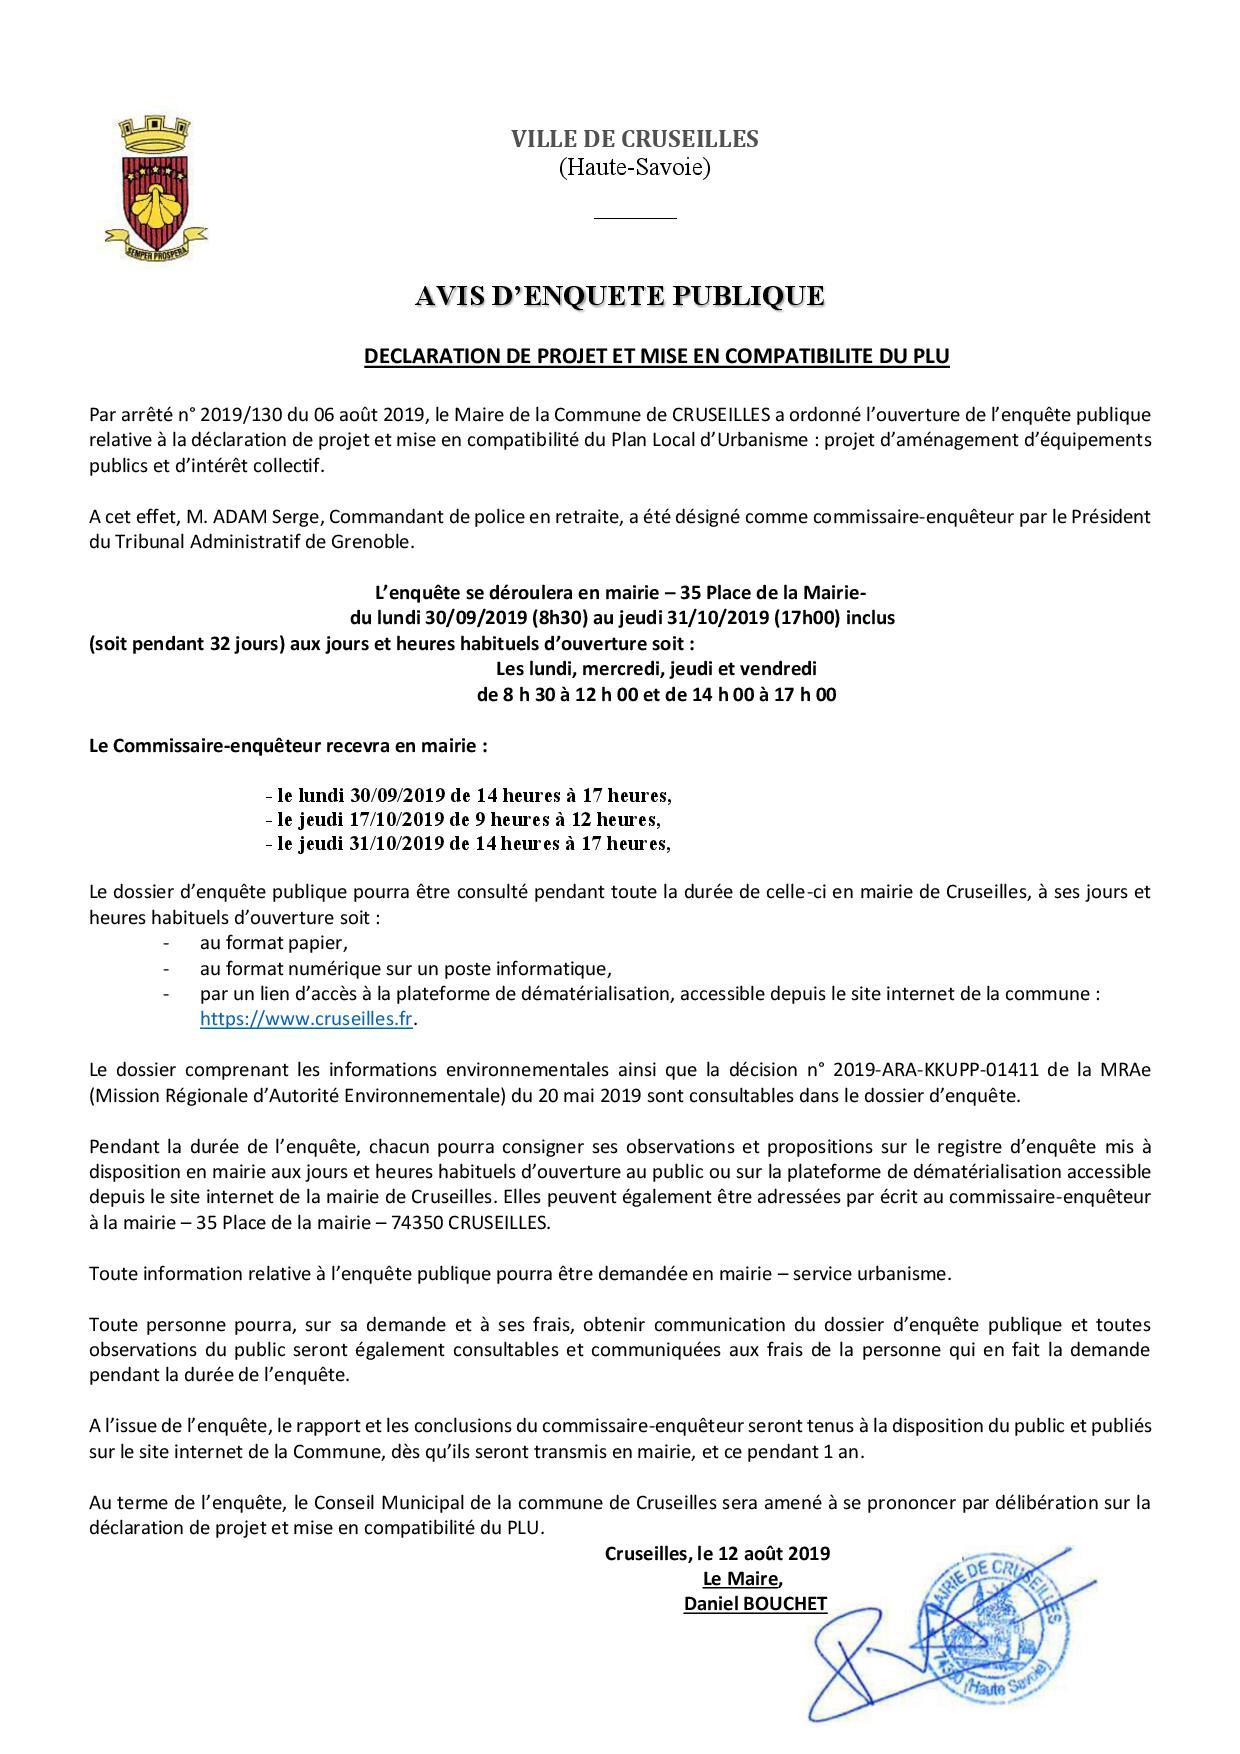 O_Urbanisme_DECLARATION DE PROJET MISE EN COMPATIBILITE PLU_Enquete Publique_Avis d'enquête sur un A4 pour imprimeur